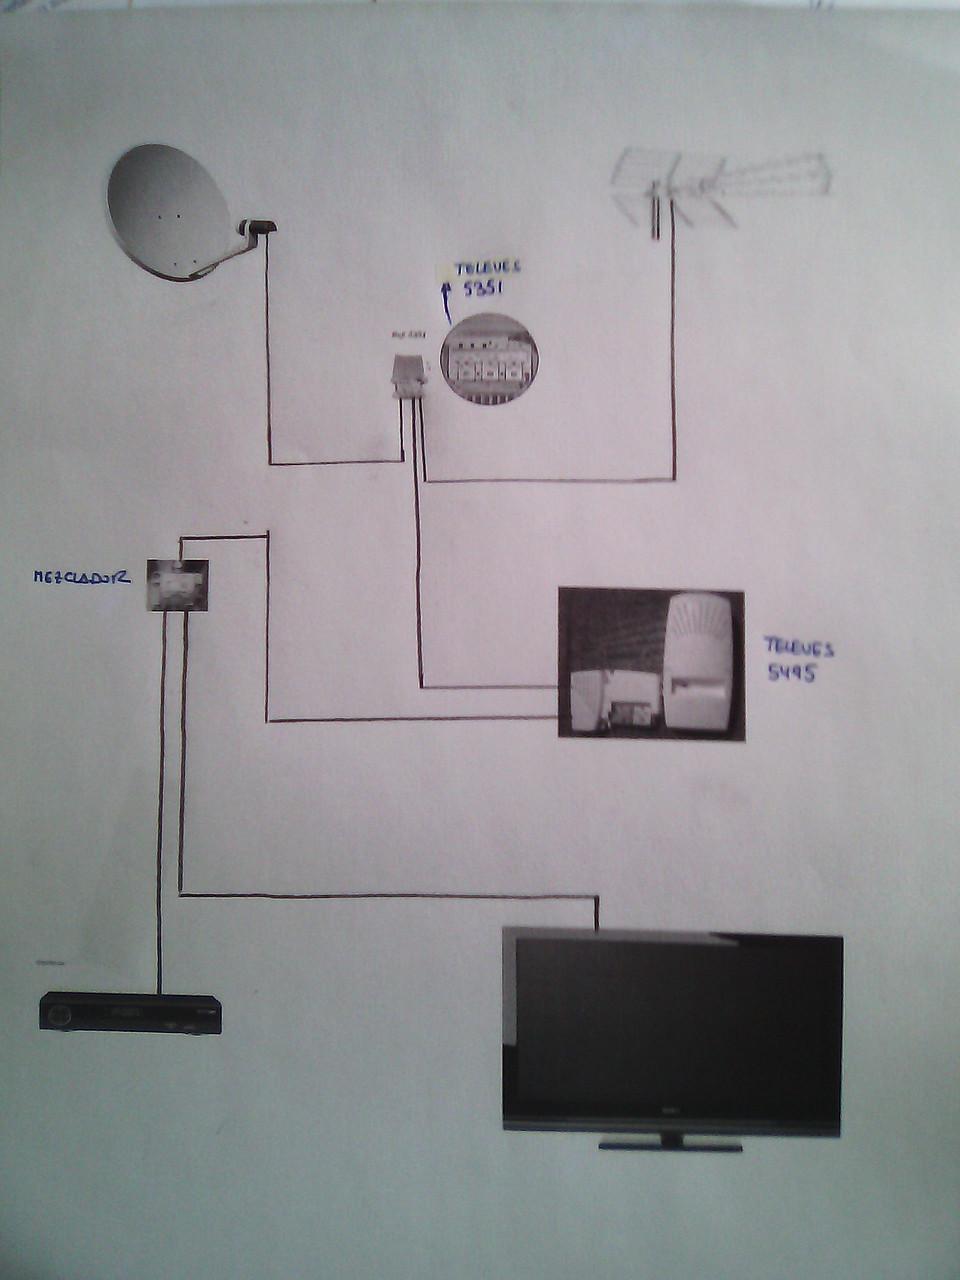 el antenista ayuda instalacion antena tdt y parabolica